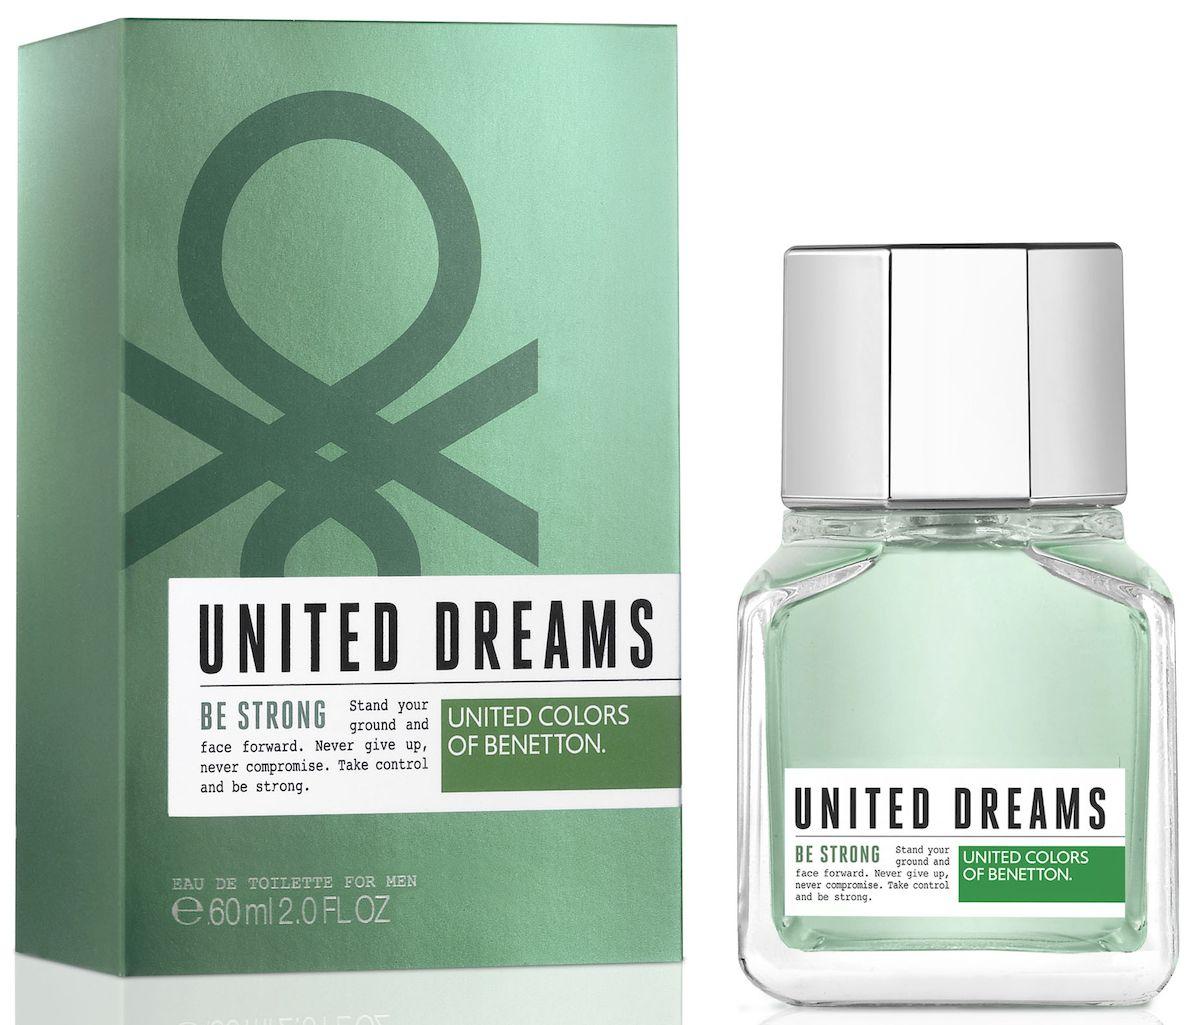 Benetton UD BE STRONG Туалетная вода, мужская, 60 мл65102236United Dreams запускает мужскую коллекцию. Три аромата для тех, кто верит в силу мечты, как в движущую силу будущих перемен. Go Far, Be Strong и Aim High: три аромата, которые составляют коллекцию и вдохновляют концепцию преследования мечты до тех пор, по